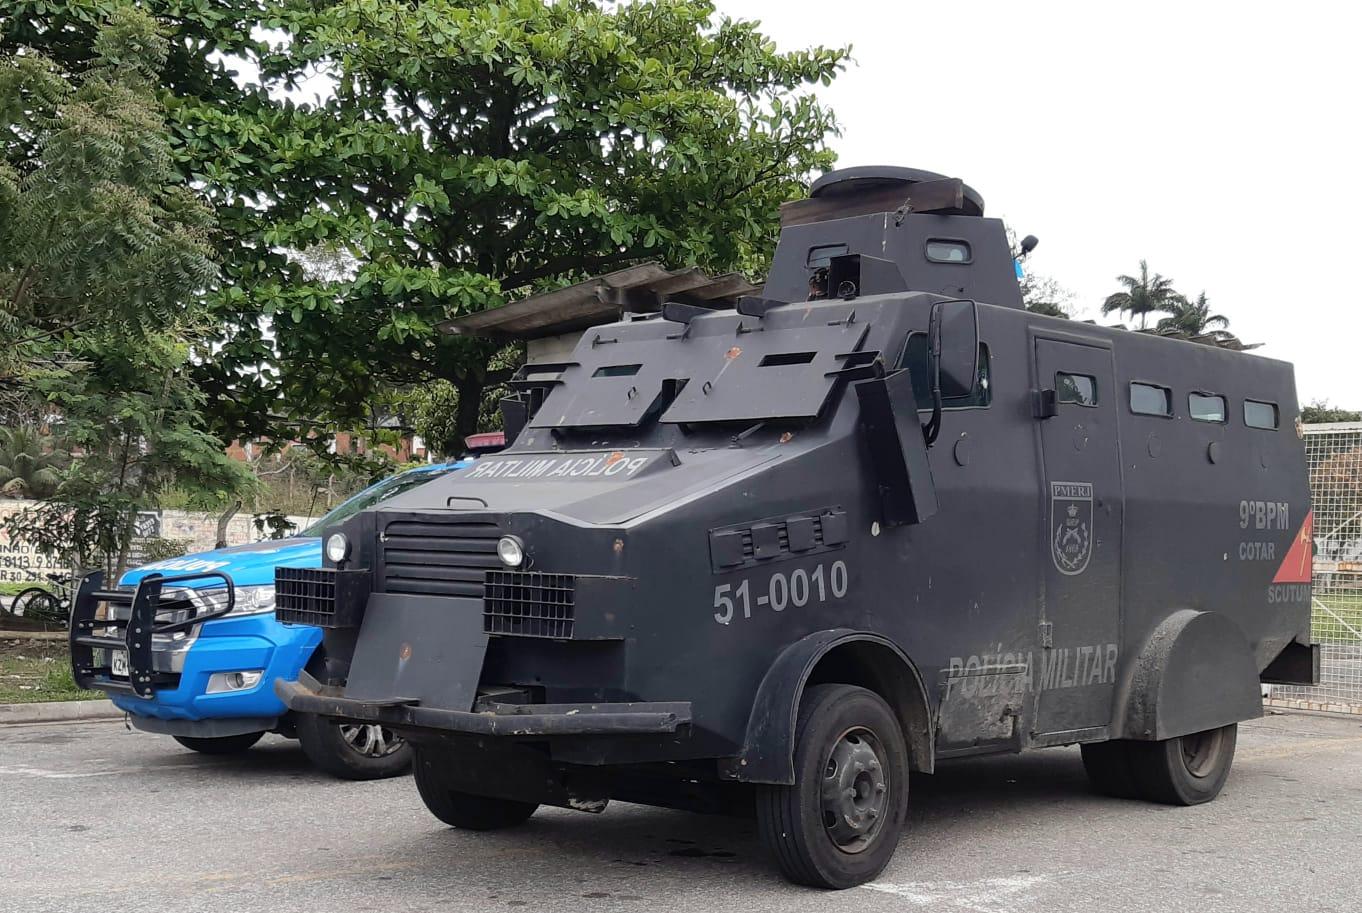 Carro blindado da Polícia Militar